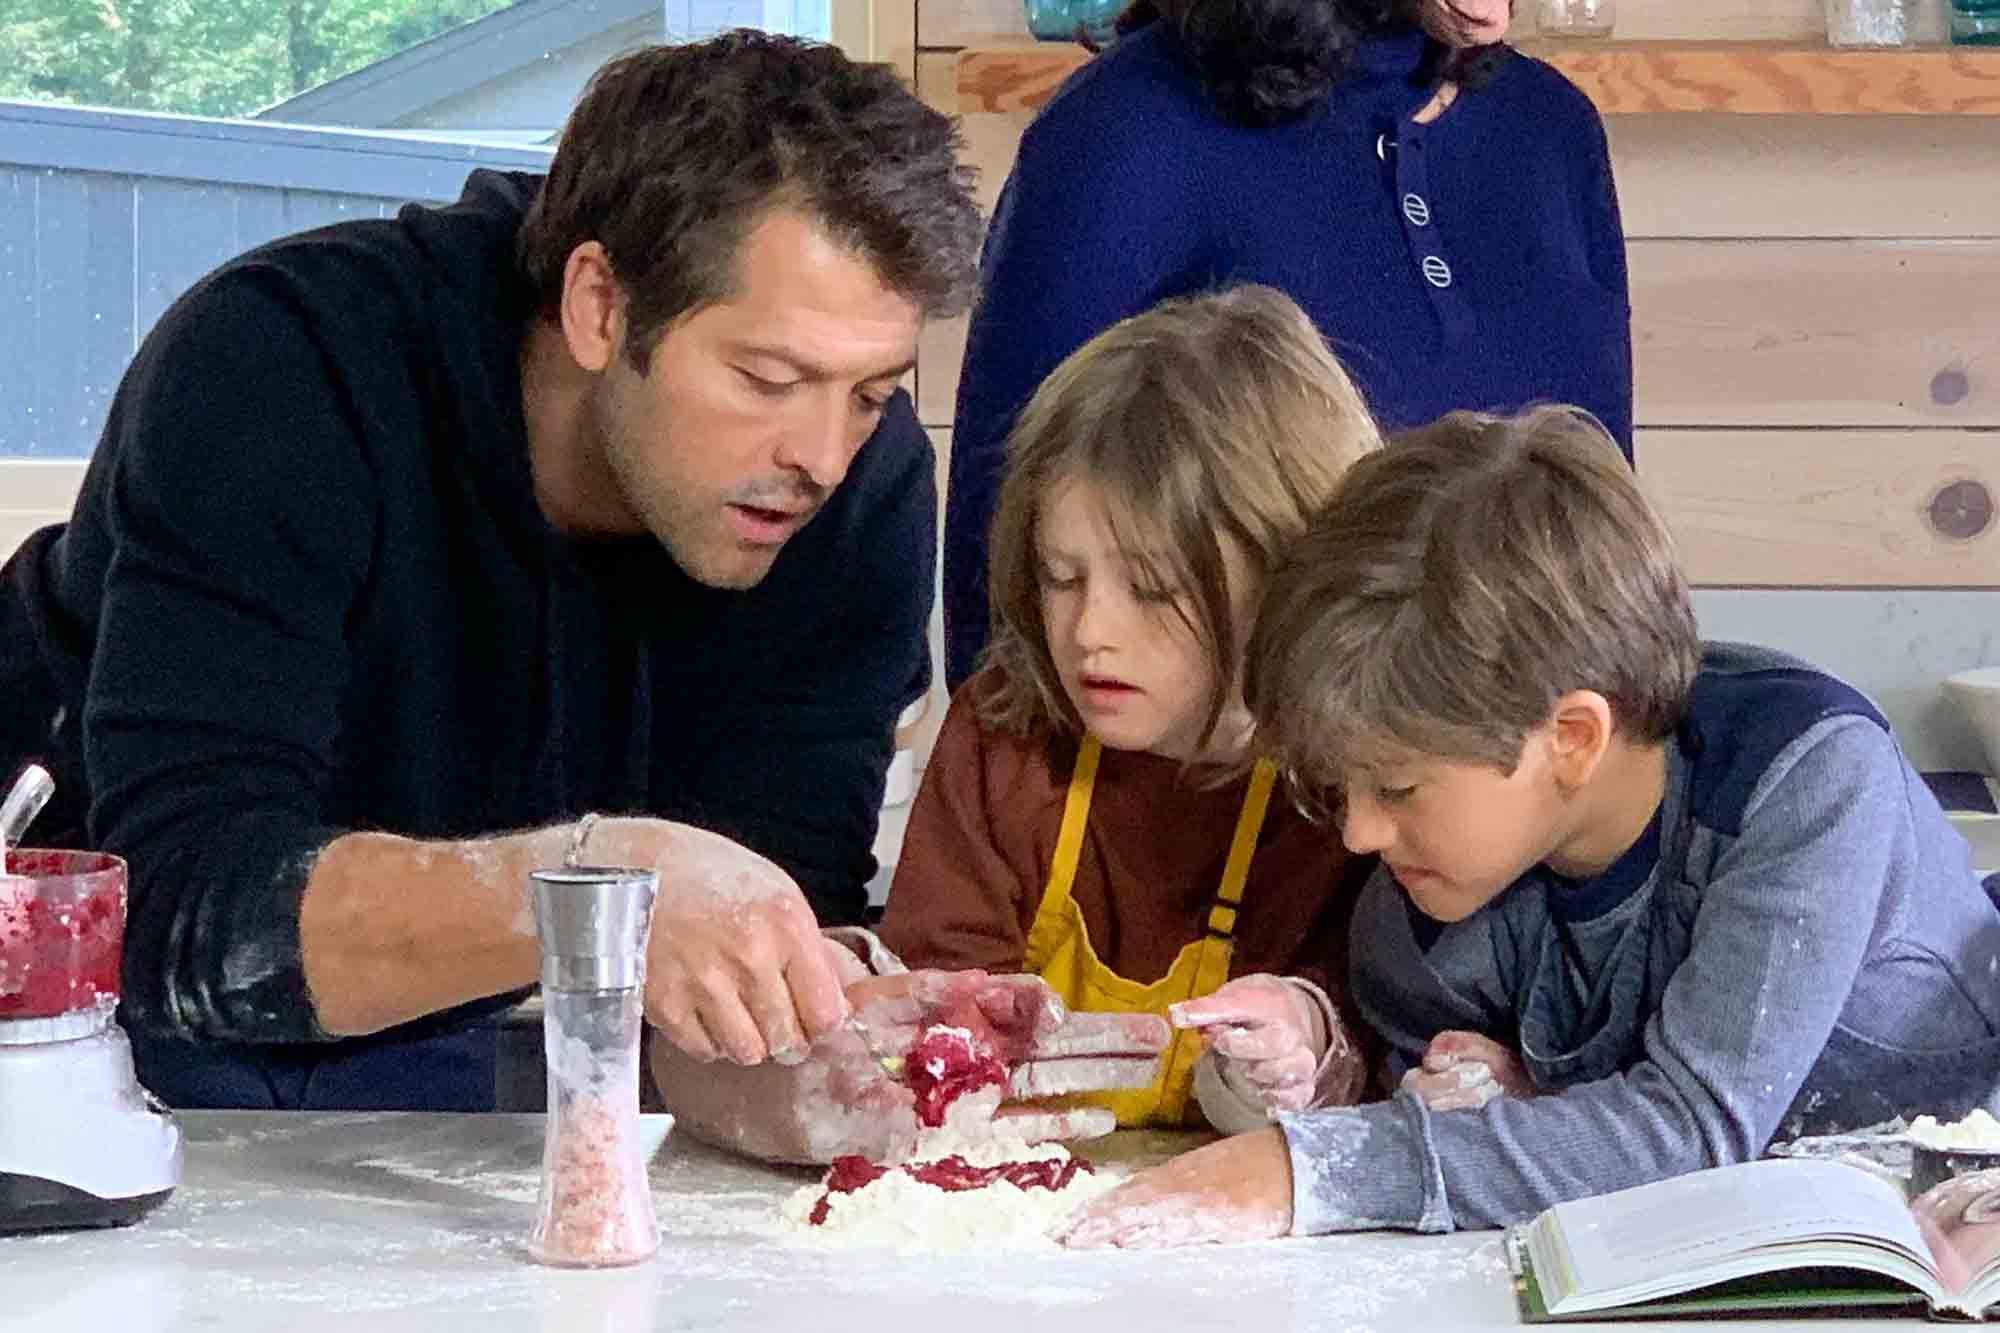 Misha Collins and his kids making gnocchi